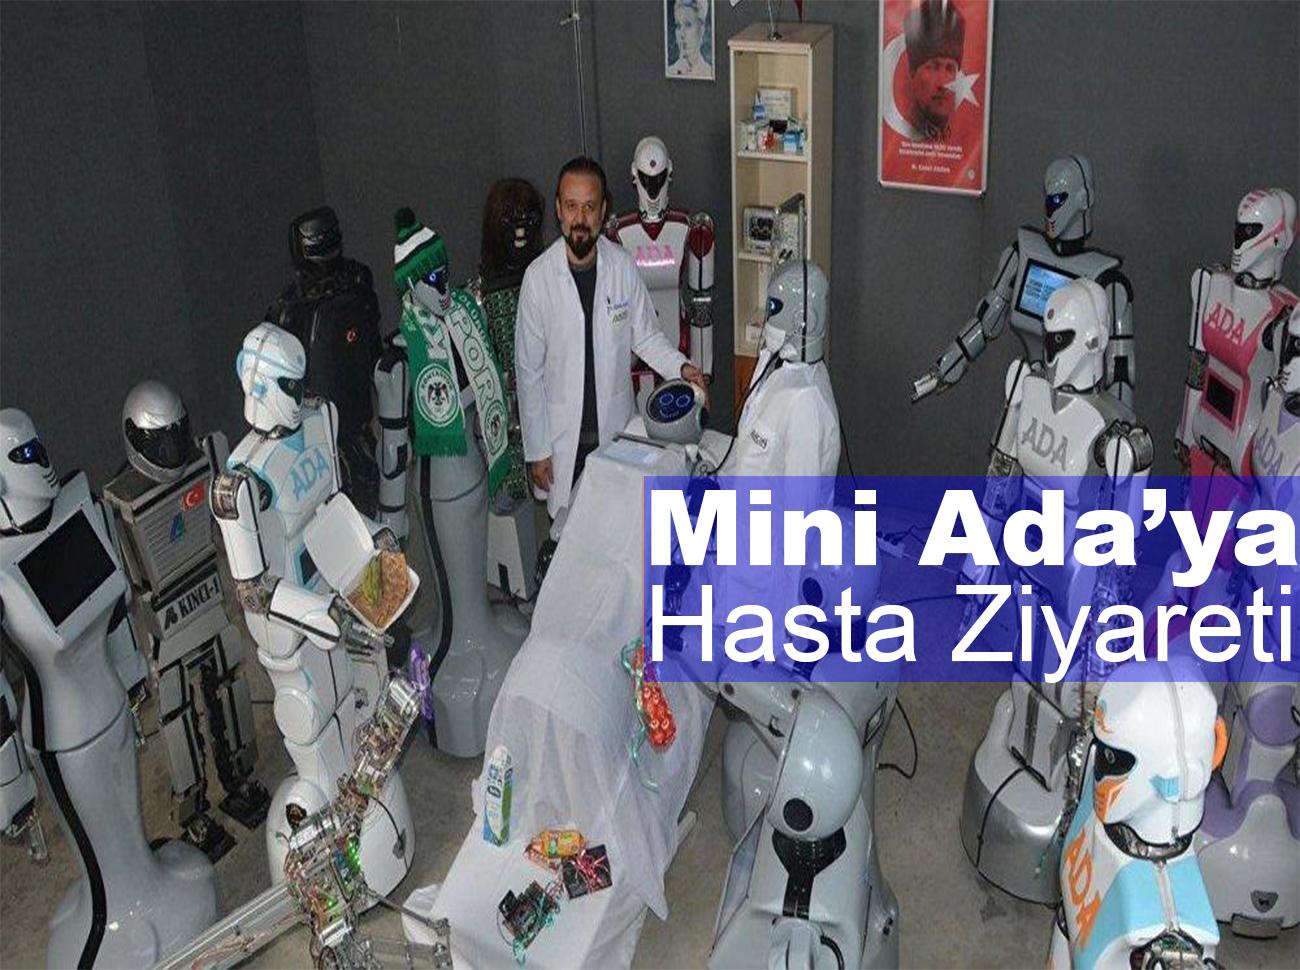 İnsansı Robot Mini Ada'ya Arkadaşlarından Hasta Ziyareti